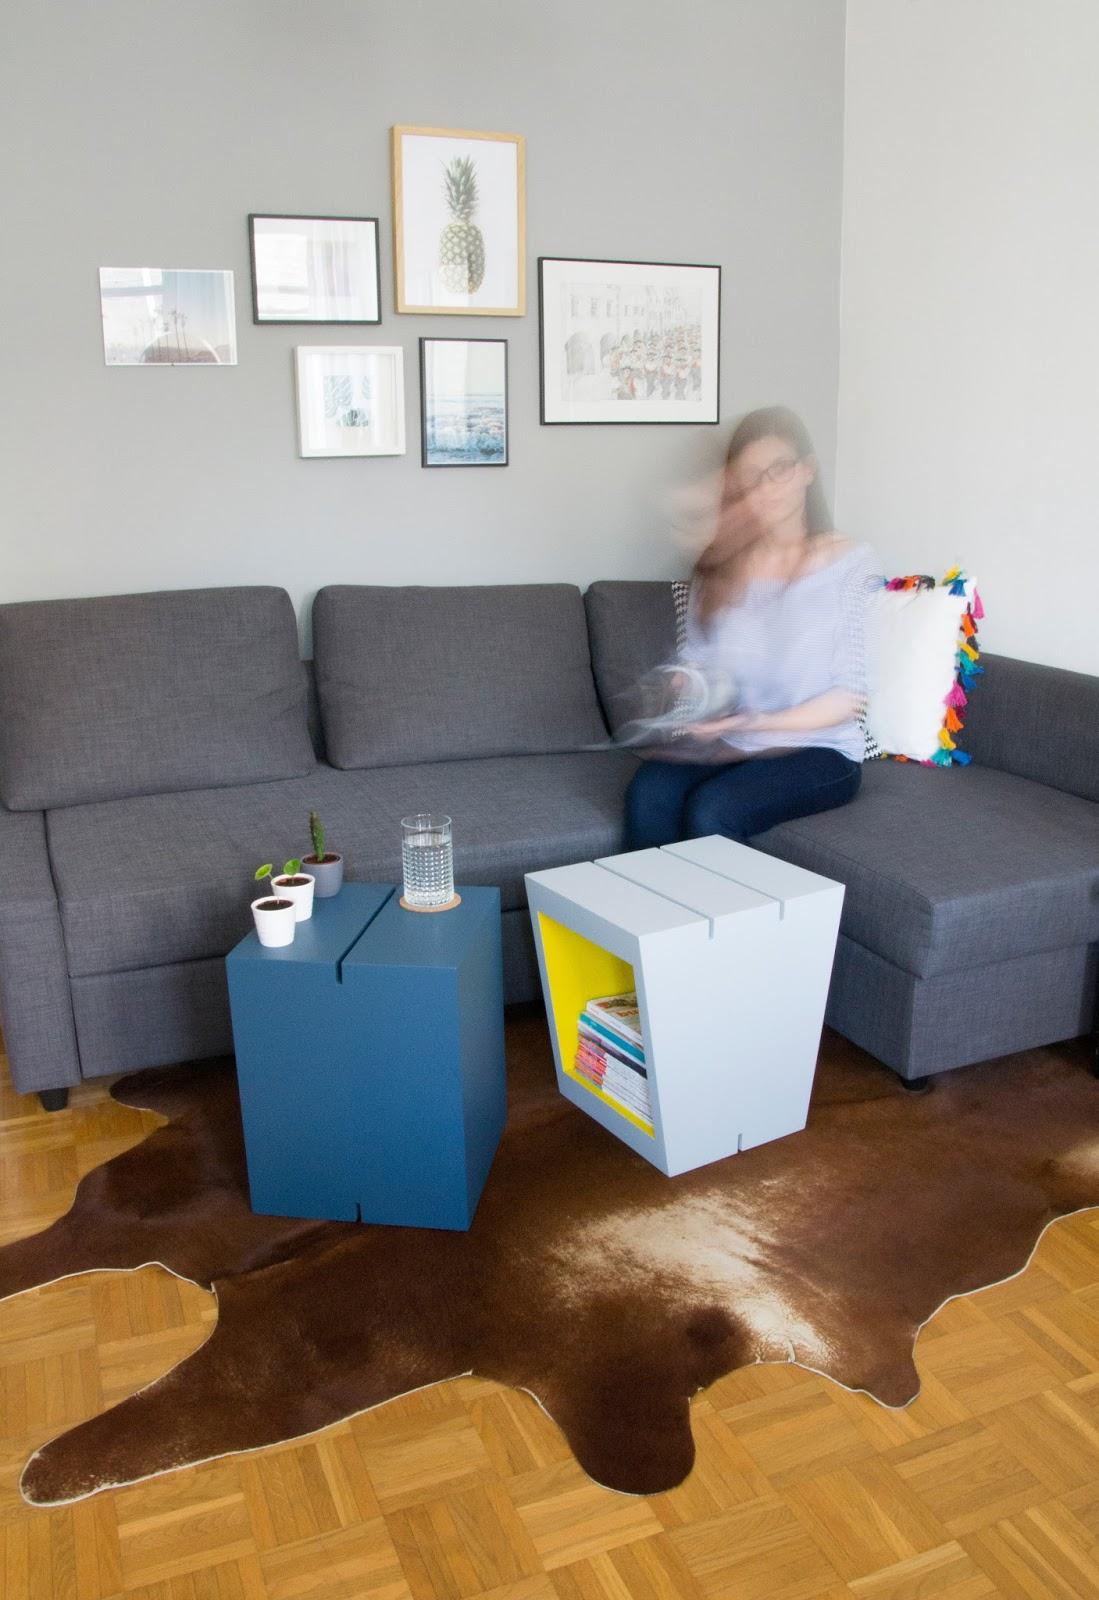 mein-daheim: #interior | Die erste eigene Wohnung einrichten